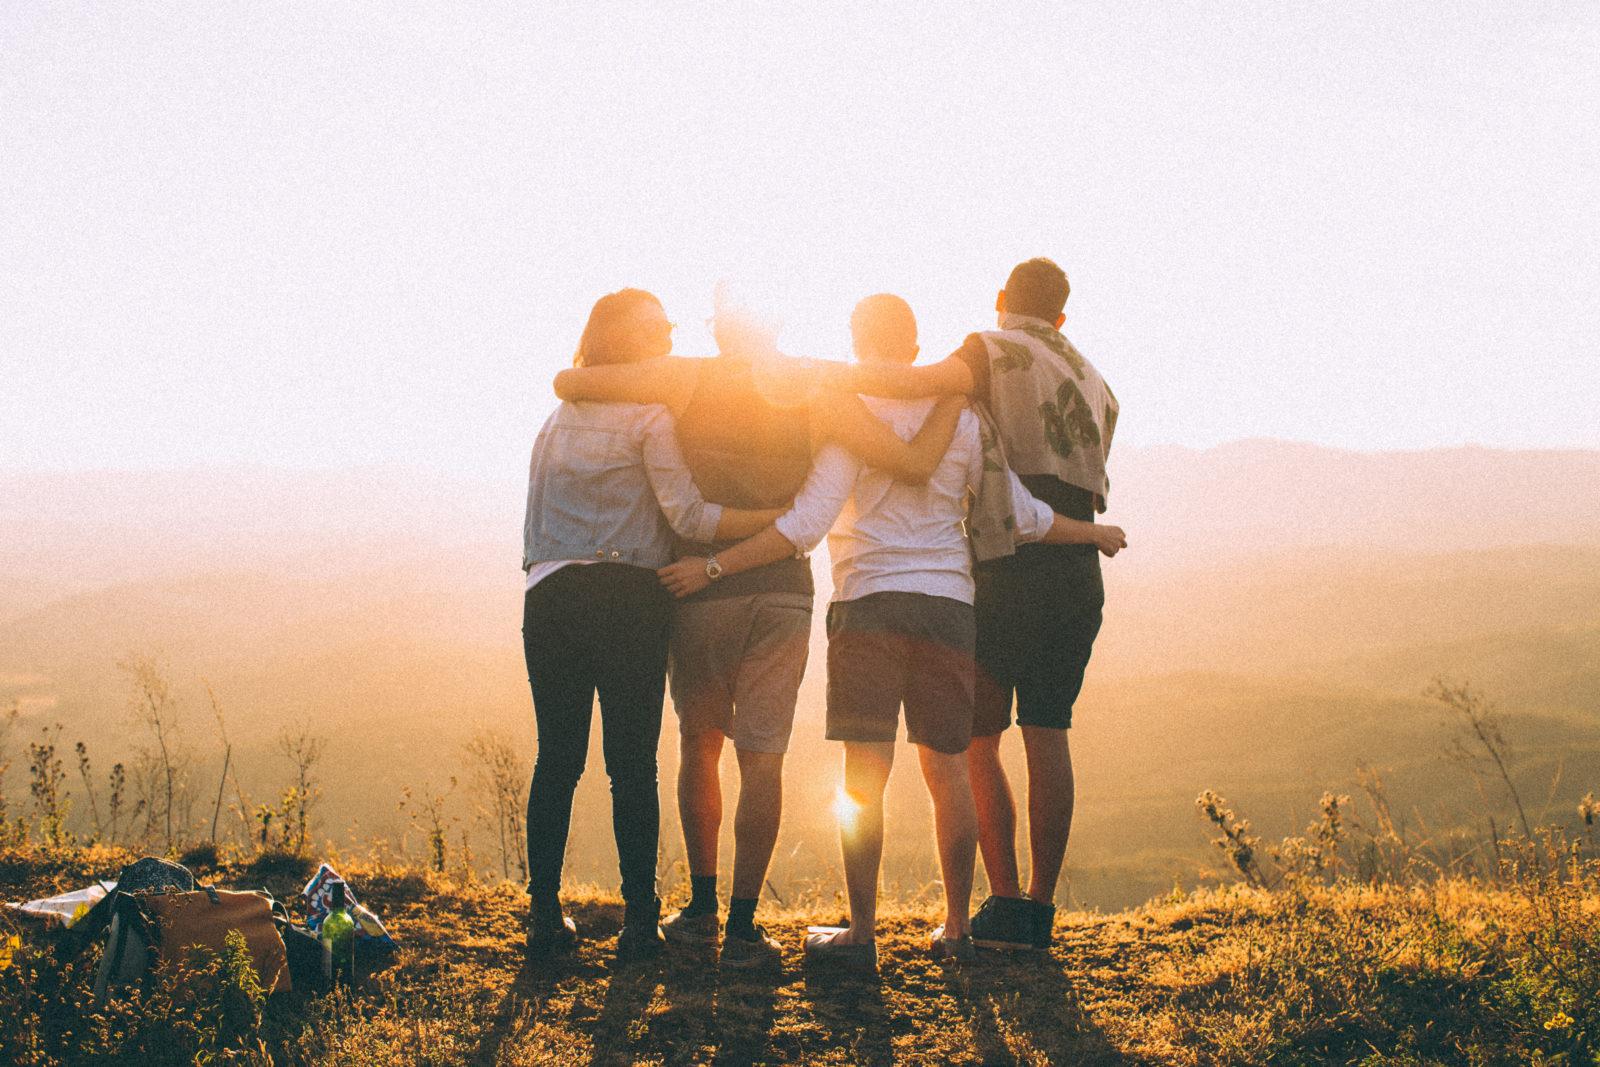 初期のやり取りでわかる、人間関係と、信頼を築くまでに必要なものって?